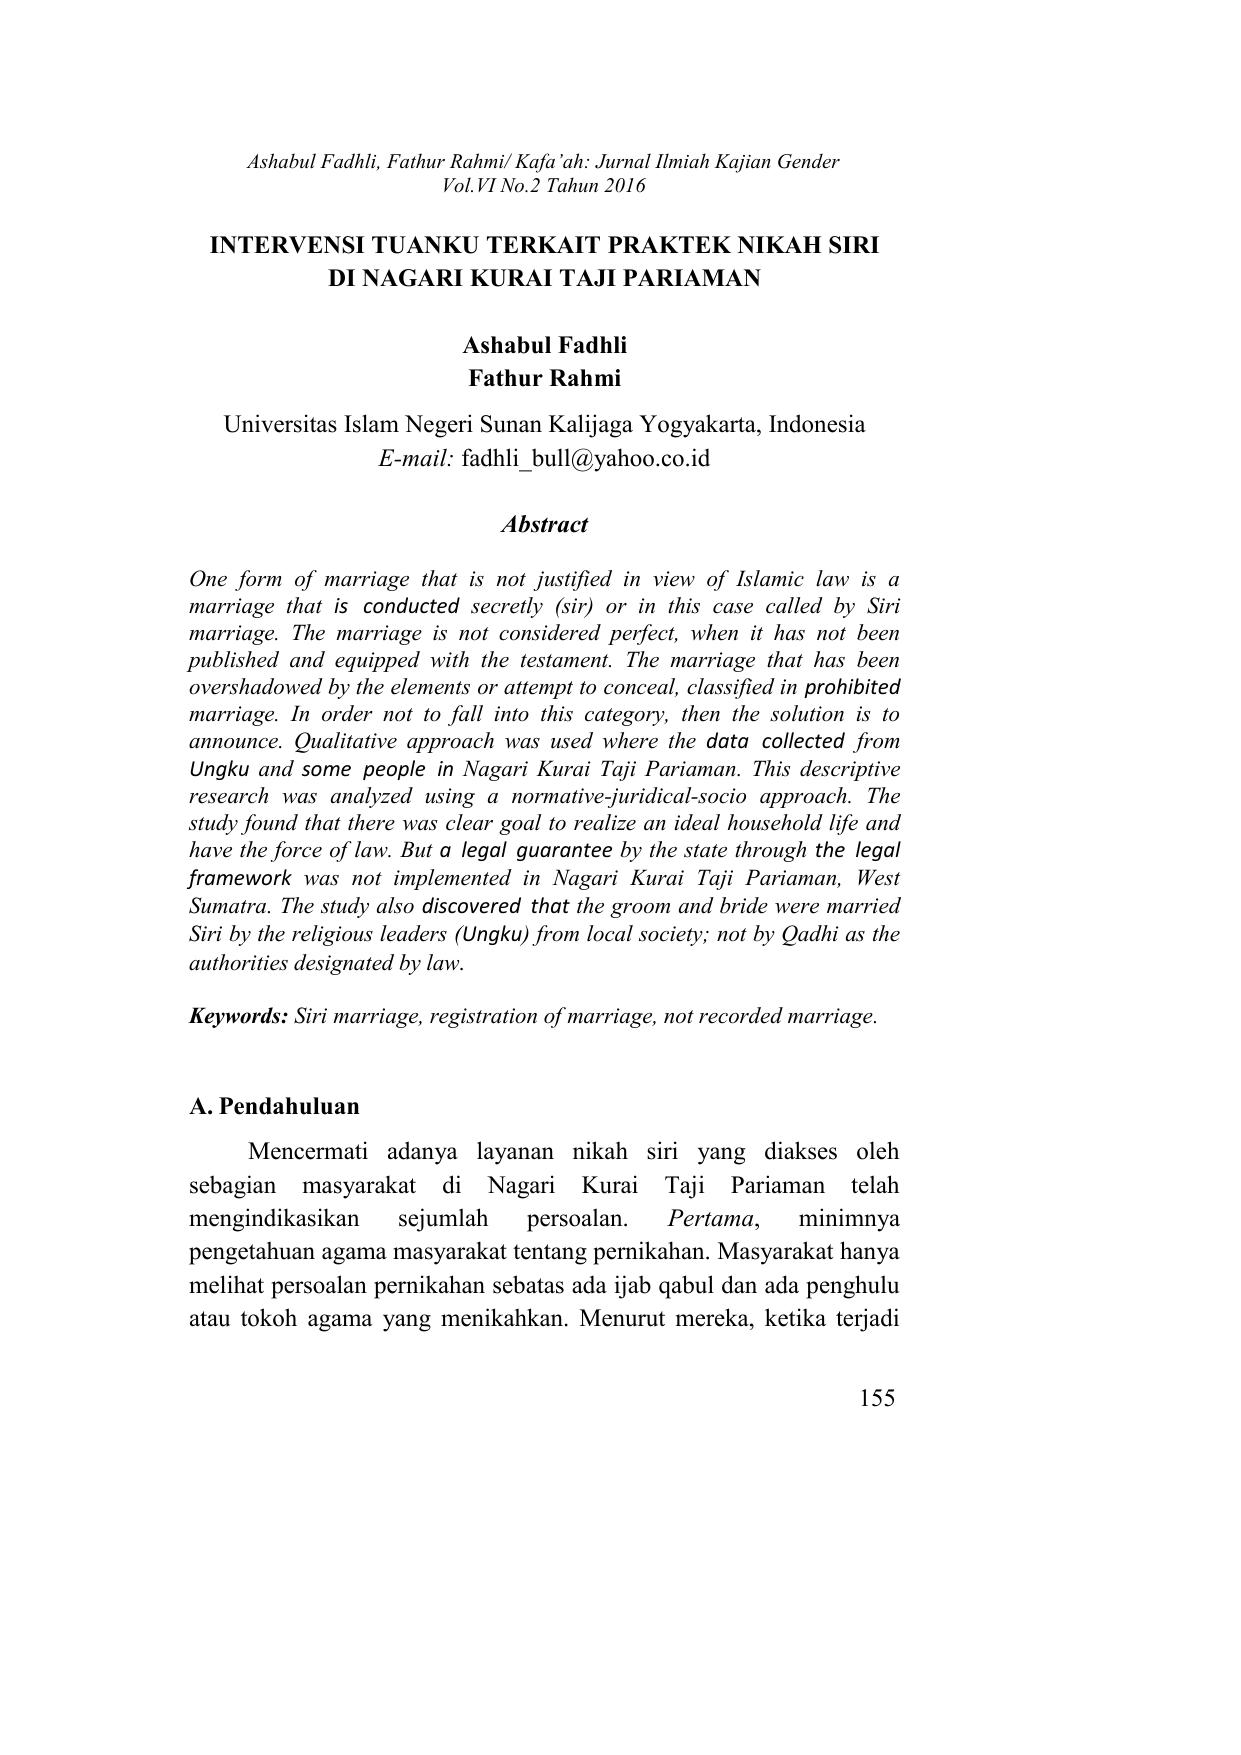 155 Intervensi Tuanku Terkait Praktek Nikah Siri Di